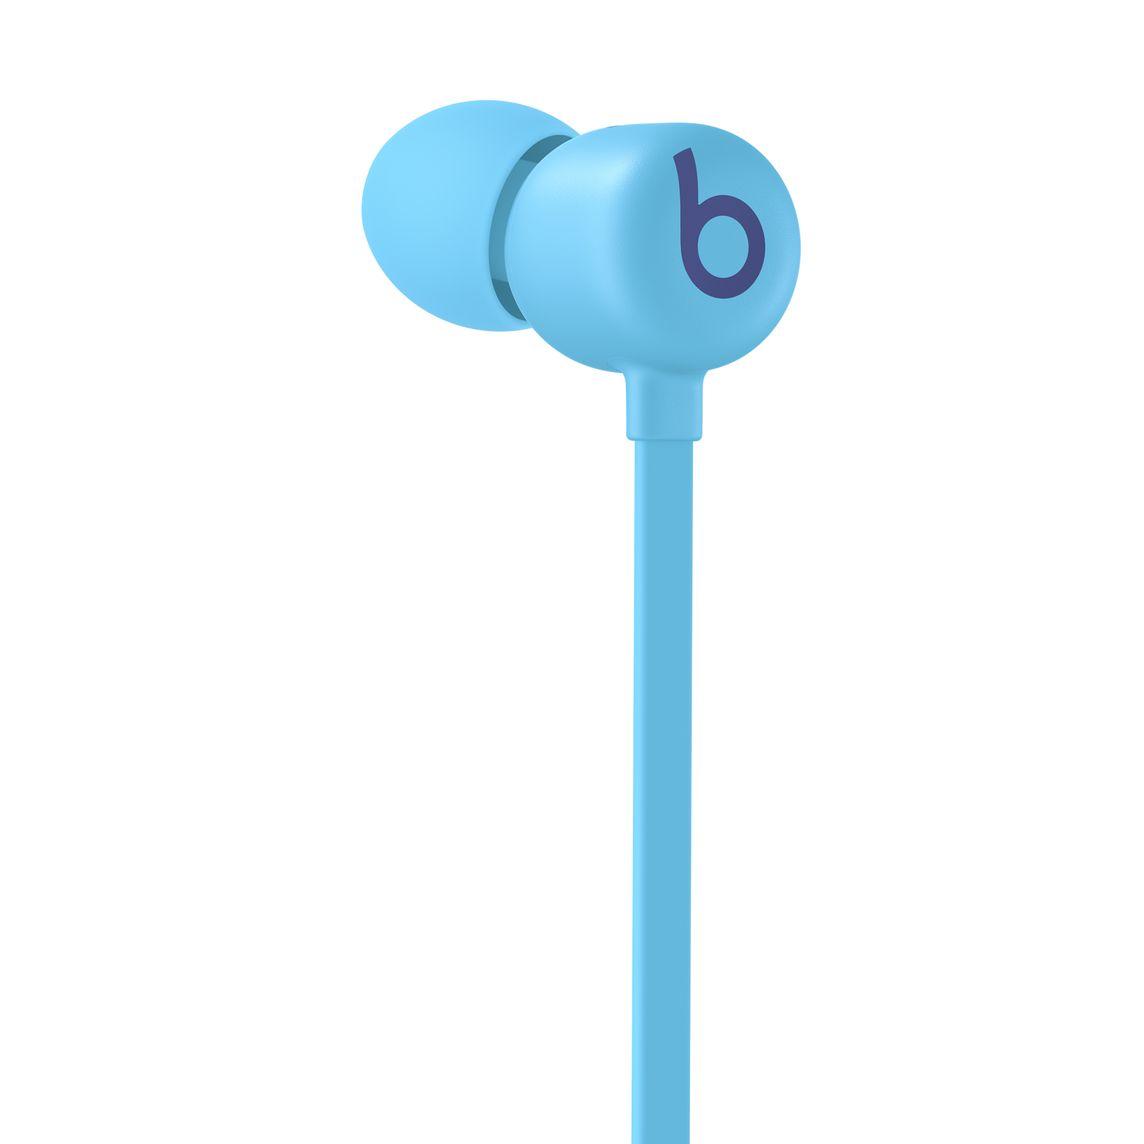 - Audifono In Ear Wireless Flex Beats / Azul 6